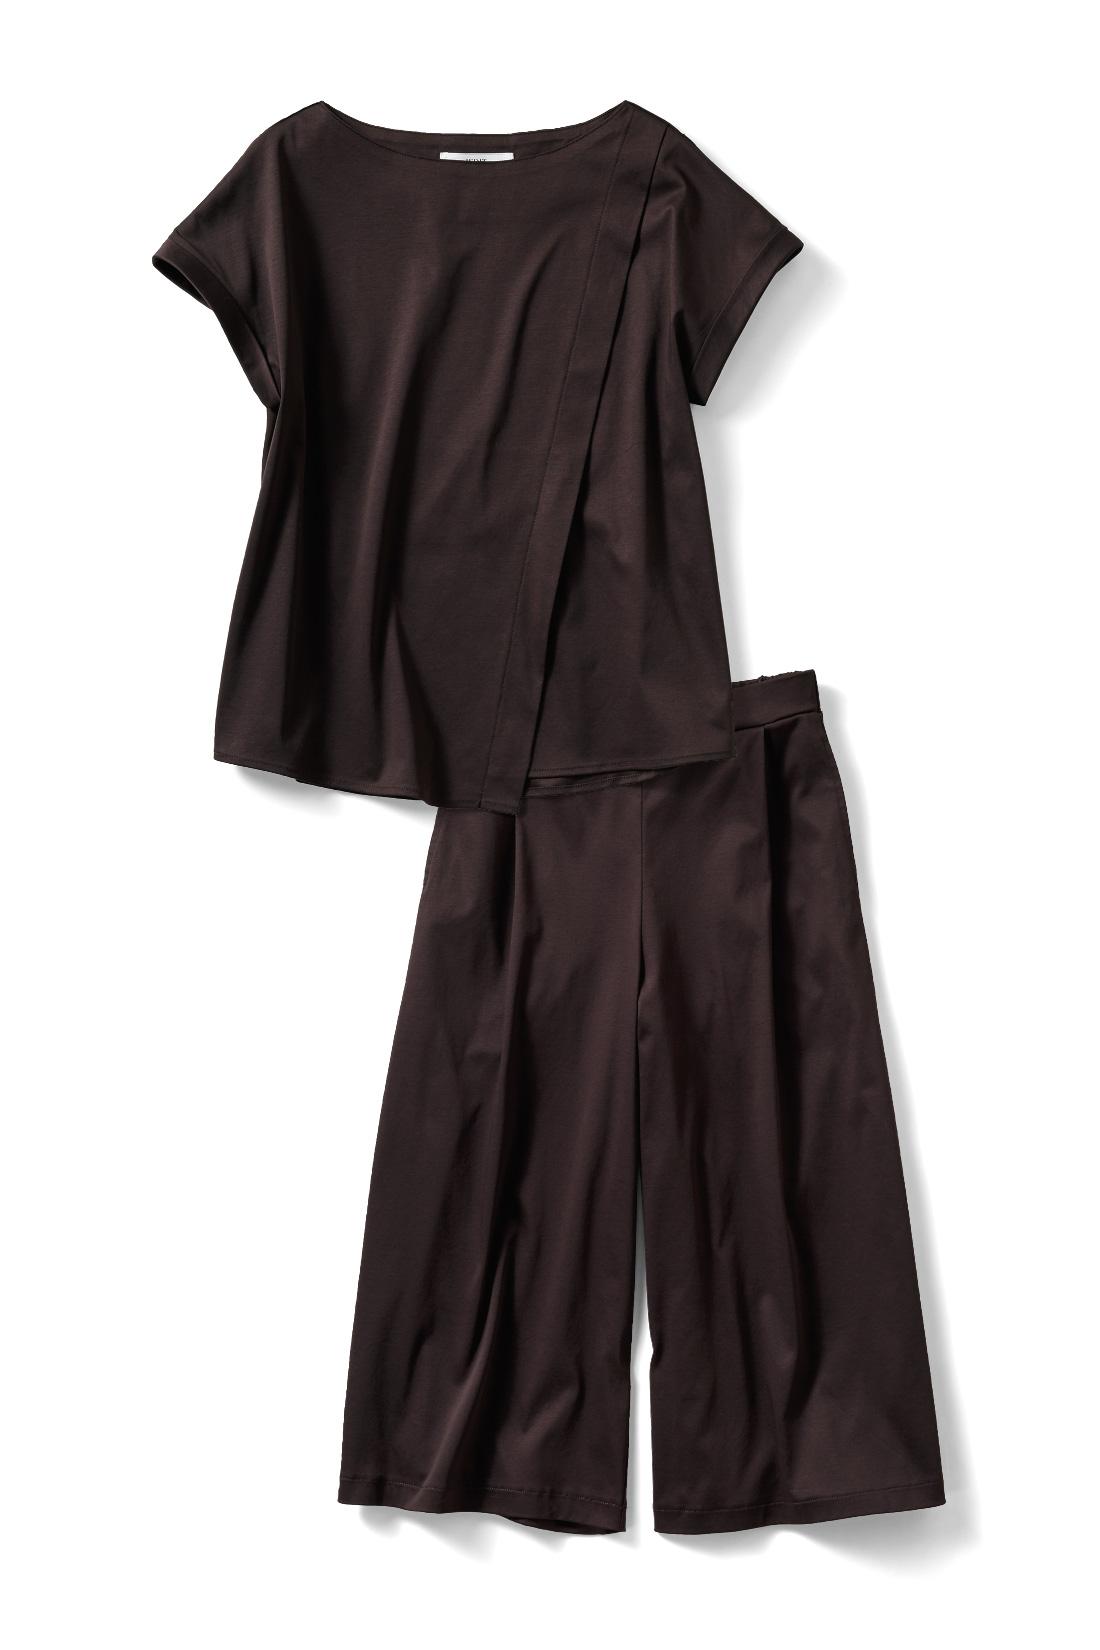 今期の注目カラー〈ビターブラウン〉上下単品でも着まわしできて便利!